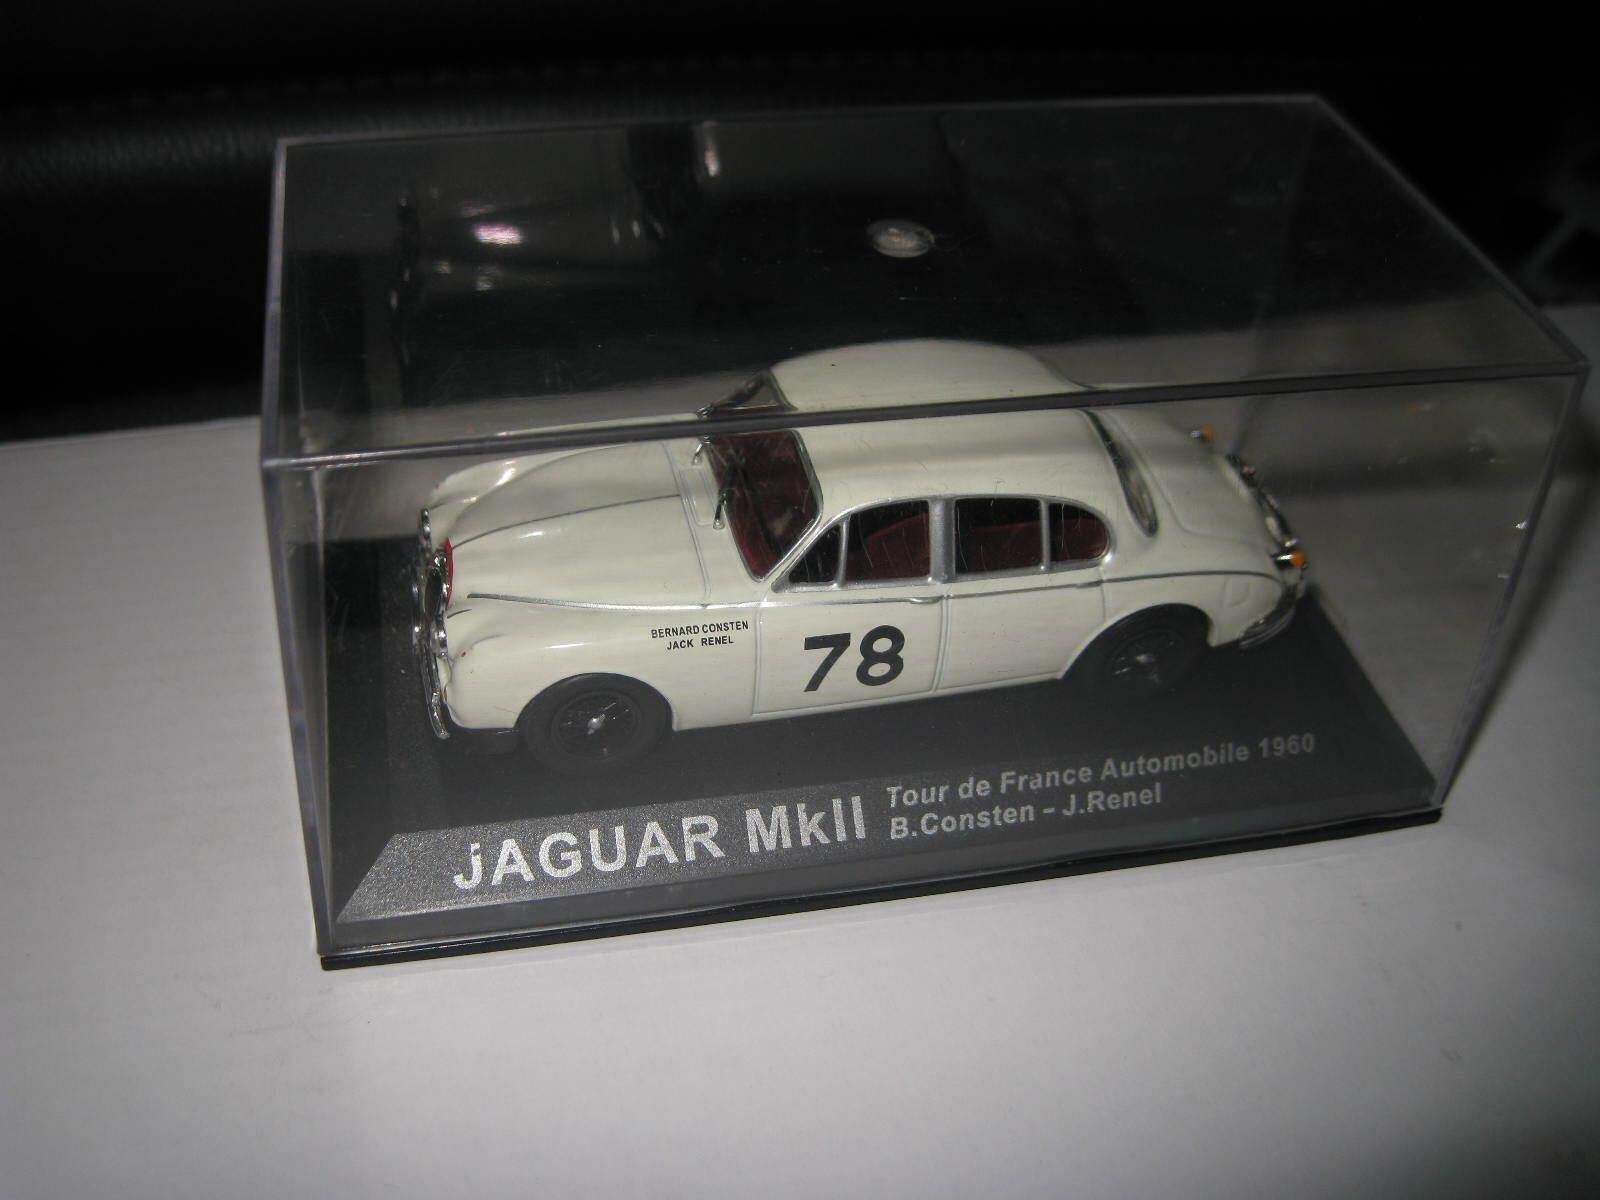 Jaguar Mkii Tour De France 1960 Consten-Renel Edicola 1:43 DEARALLY36